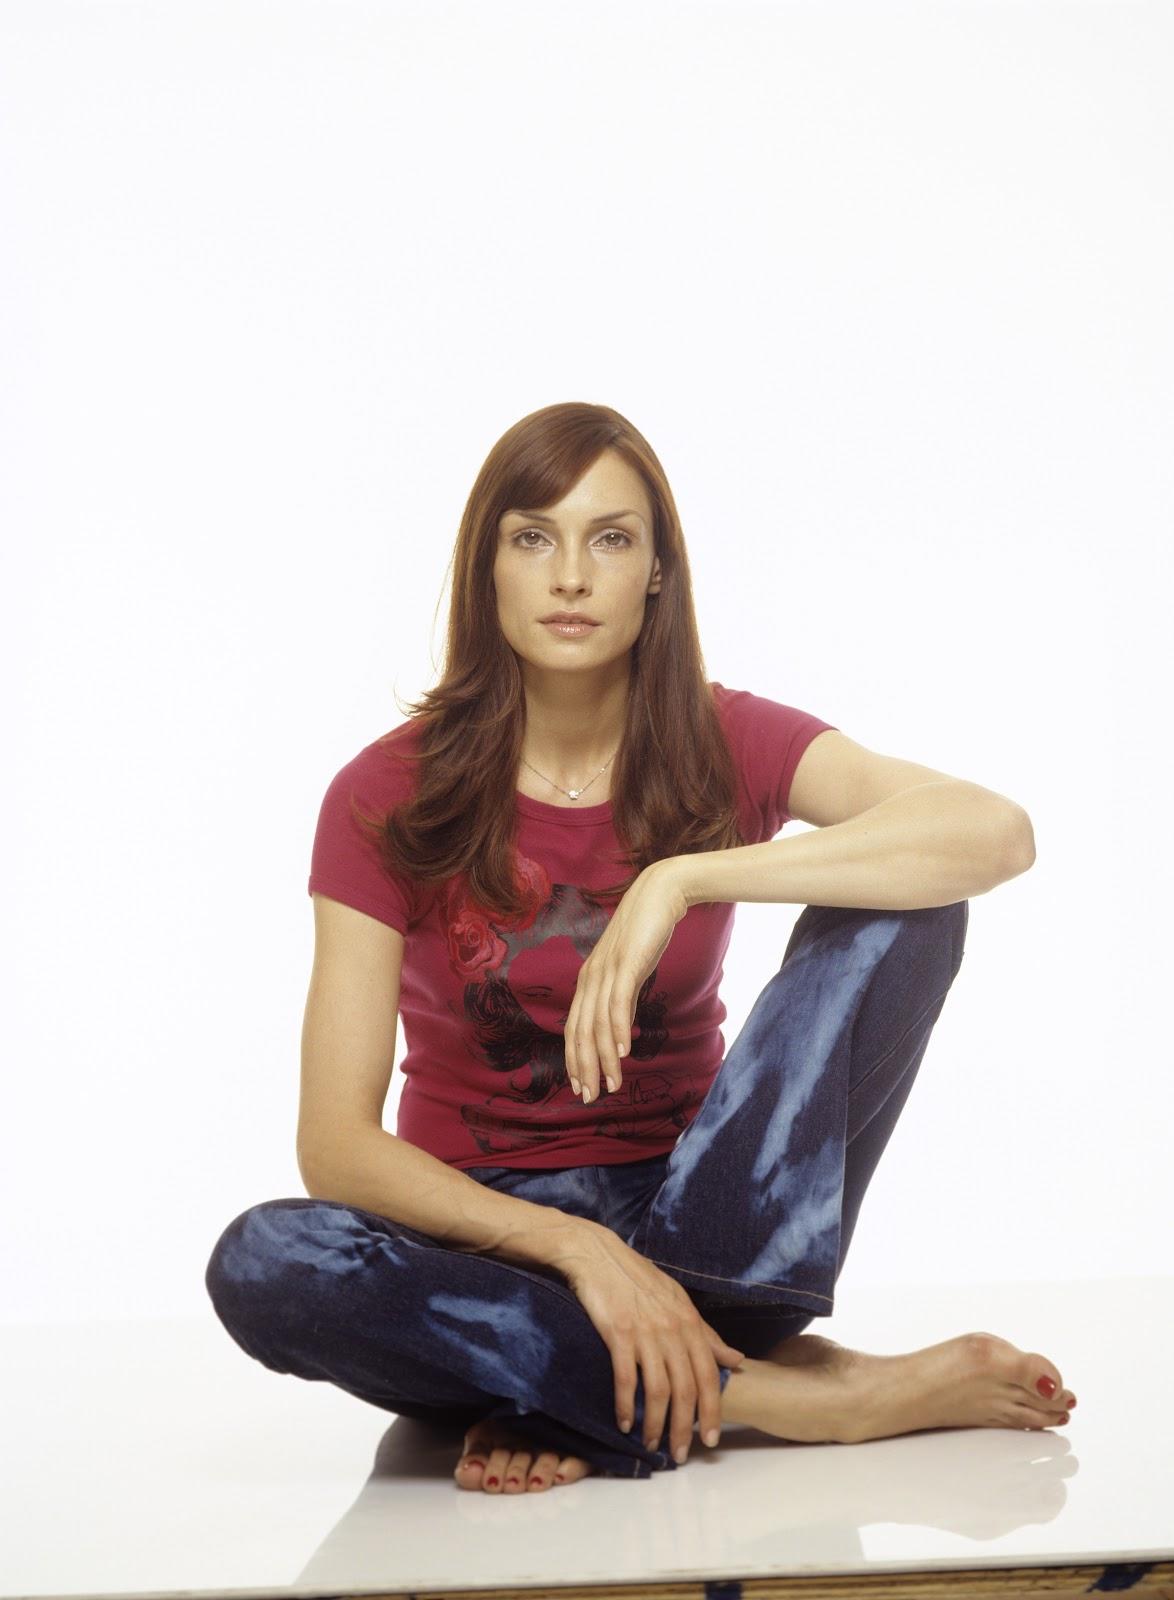 Famke Janssen Feet  Celebrity Pictures-4400